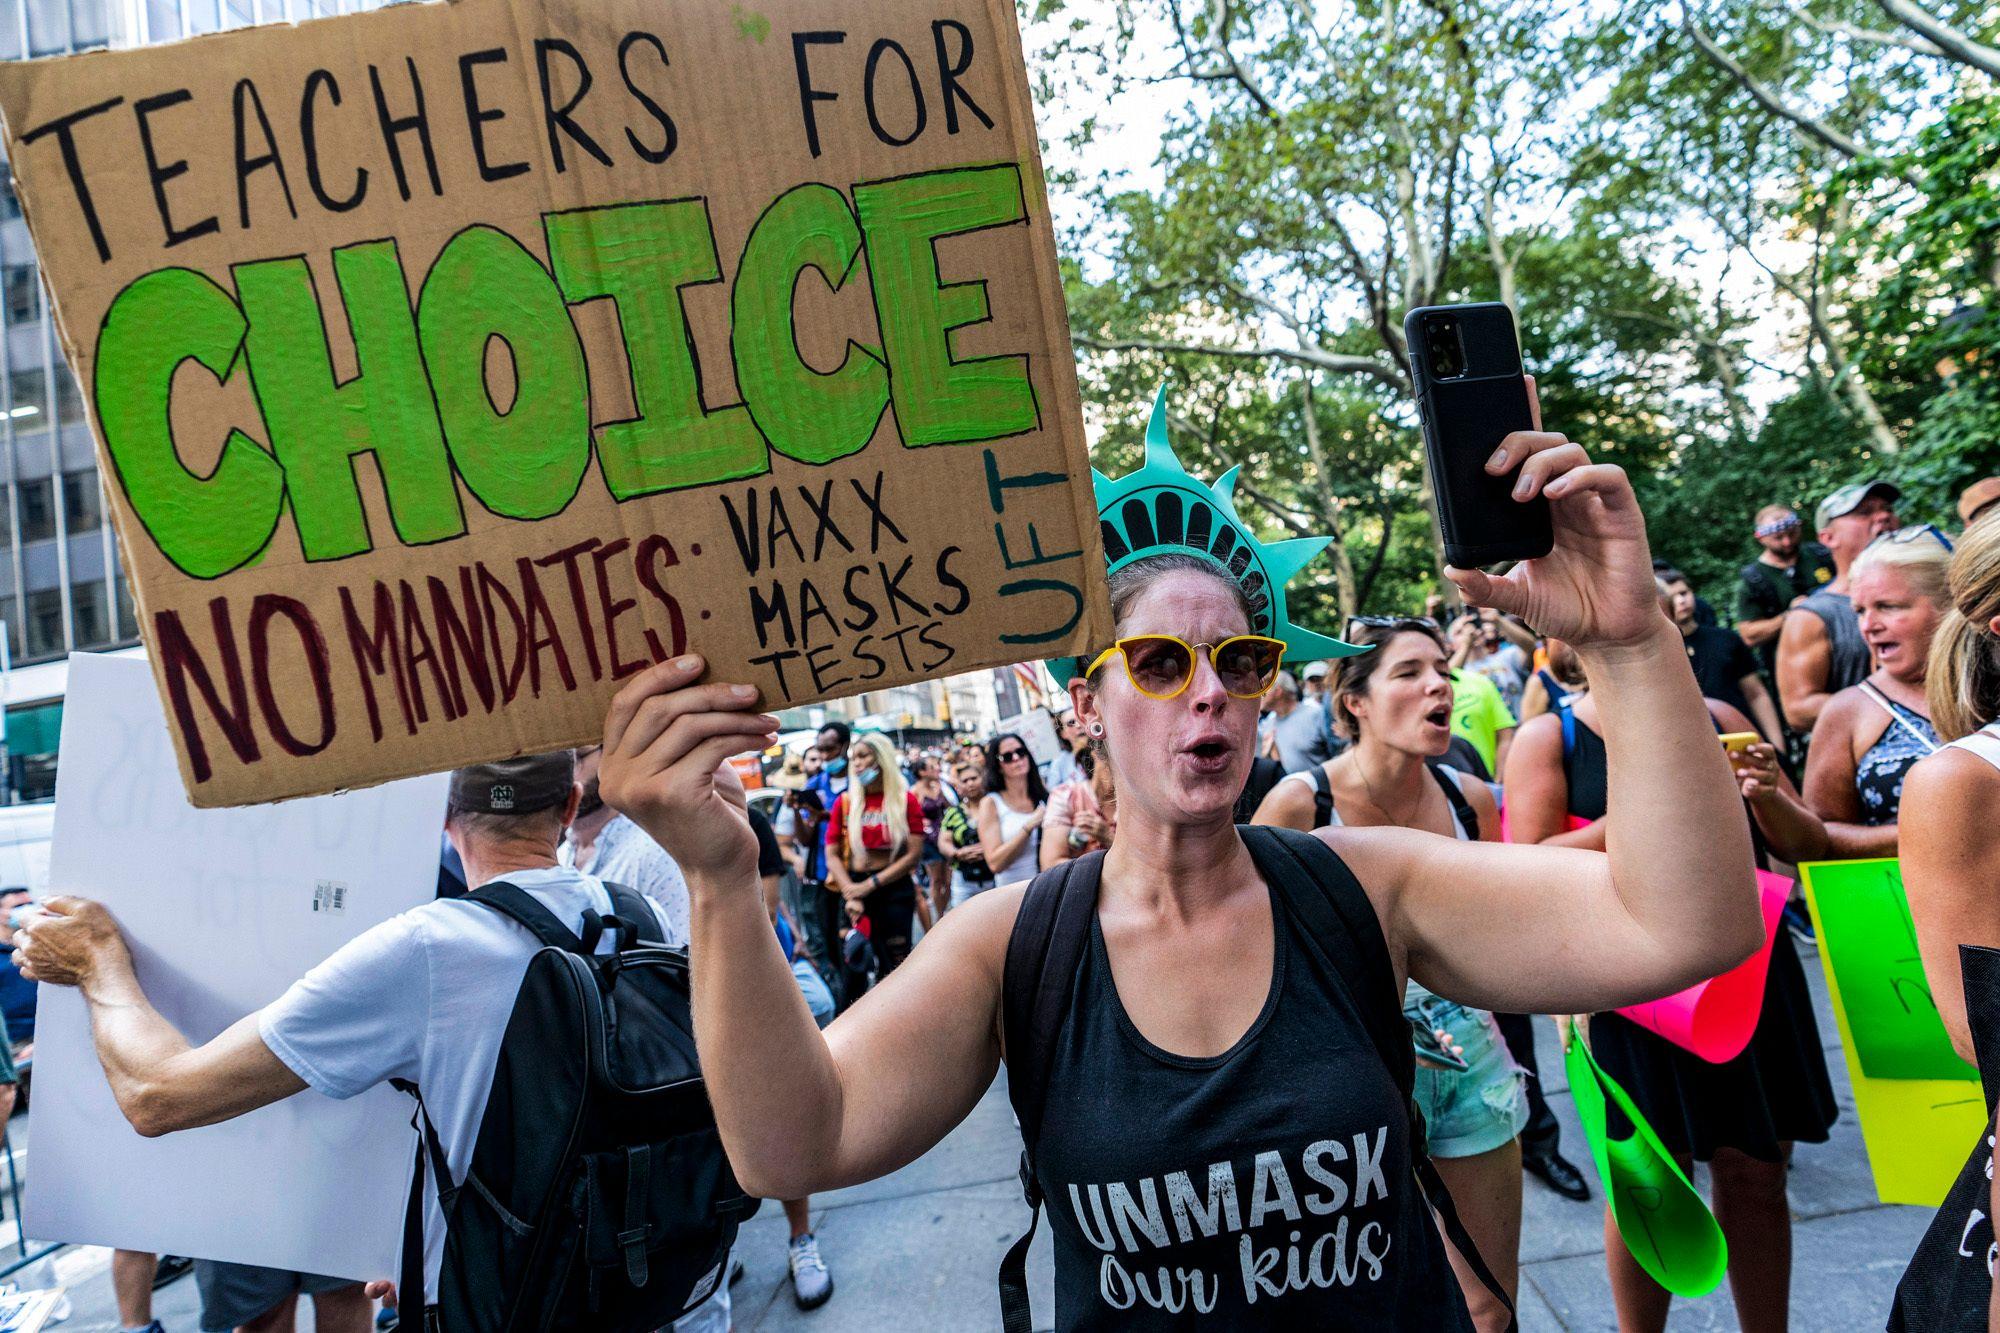 اعتراض معلمان به دستورات واکسیناسیون COVID-19 در نیویورک ، 25 آگوست 2021. سونیا سوتومایور ، قاضی دیوان عالی آمریکا درخواست تجدید نظر گروهی از معلمان را برای جلوگیری از دستور شهر نیویورک برای معلمان مدارس دولتی رد کرد.